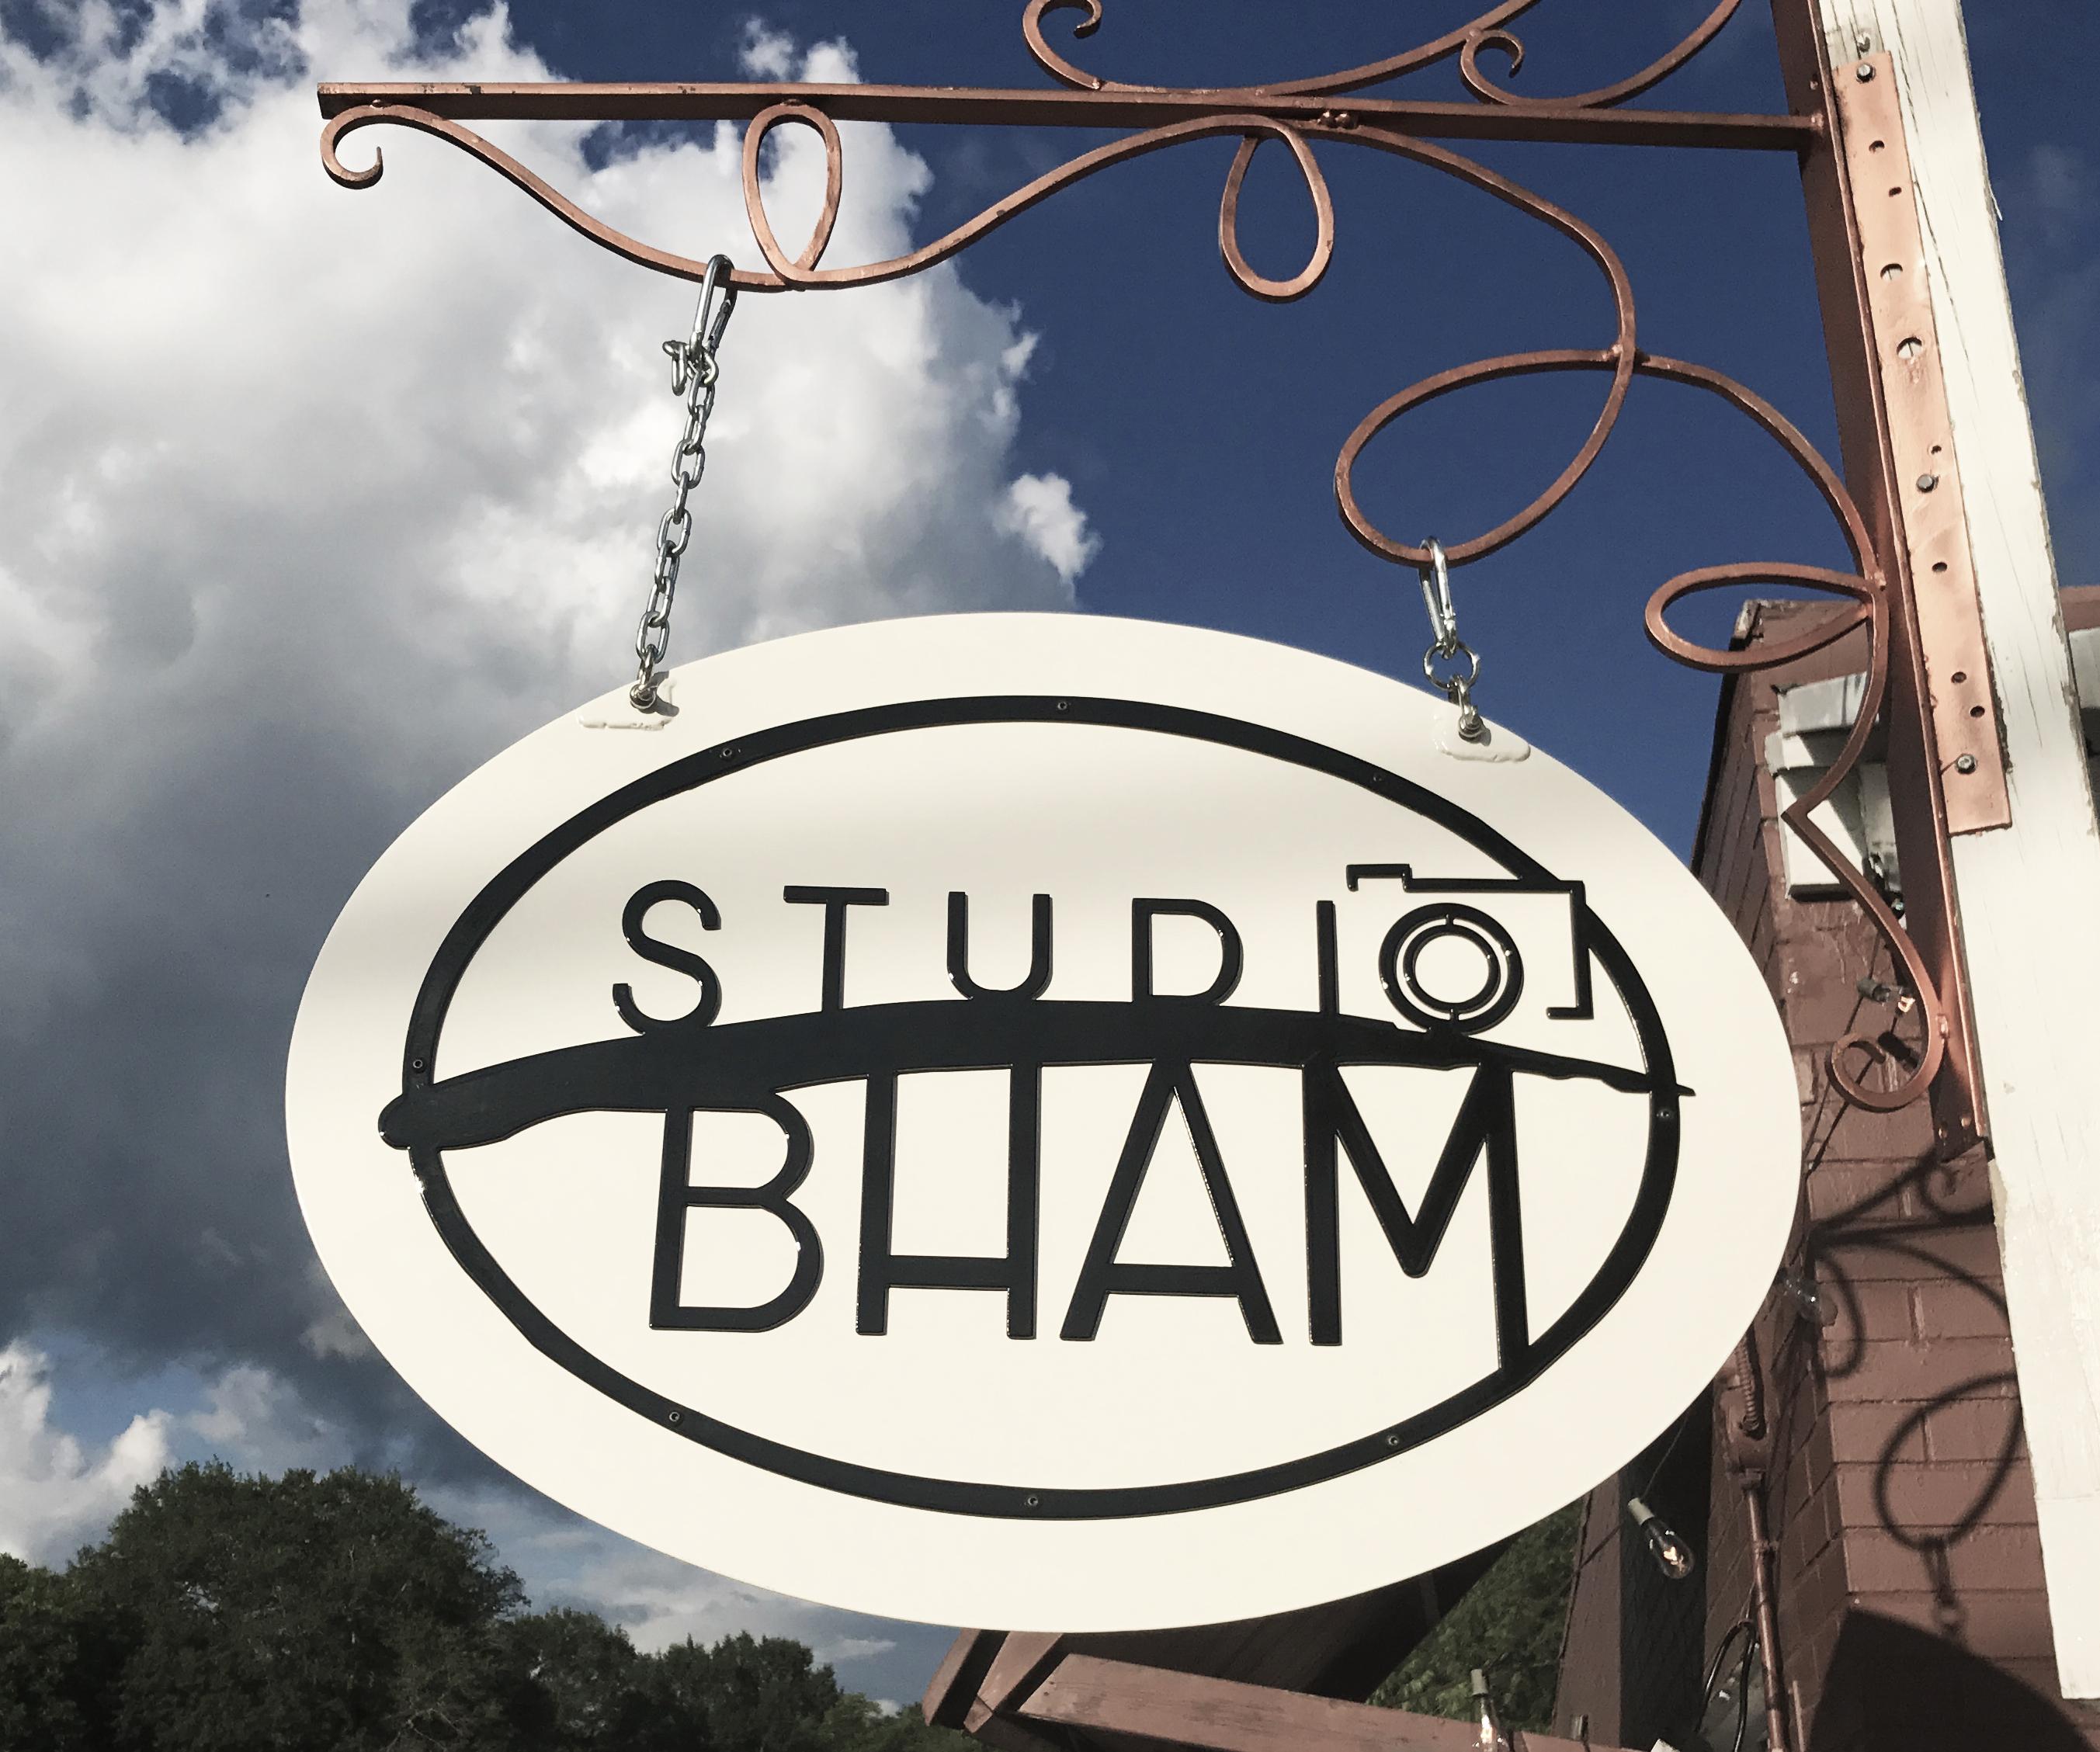 Studio BHAM sign